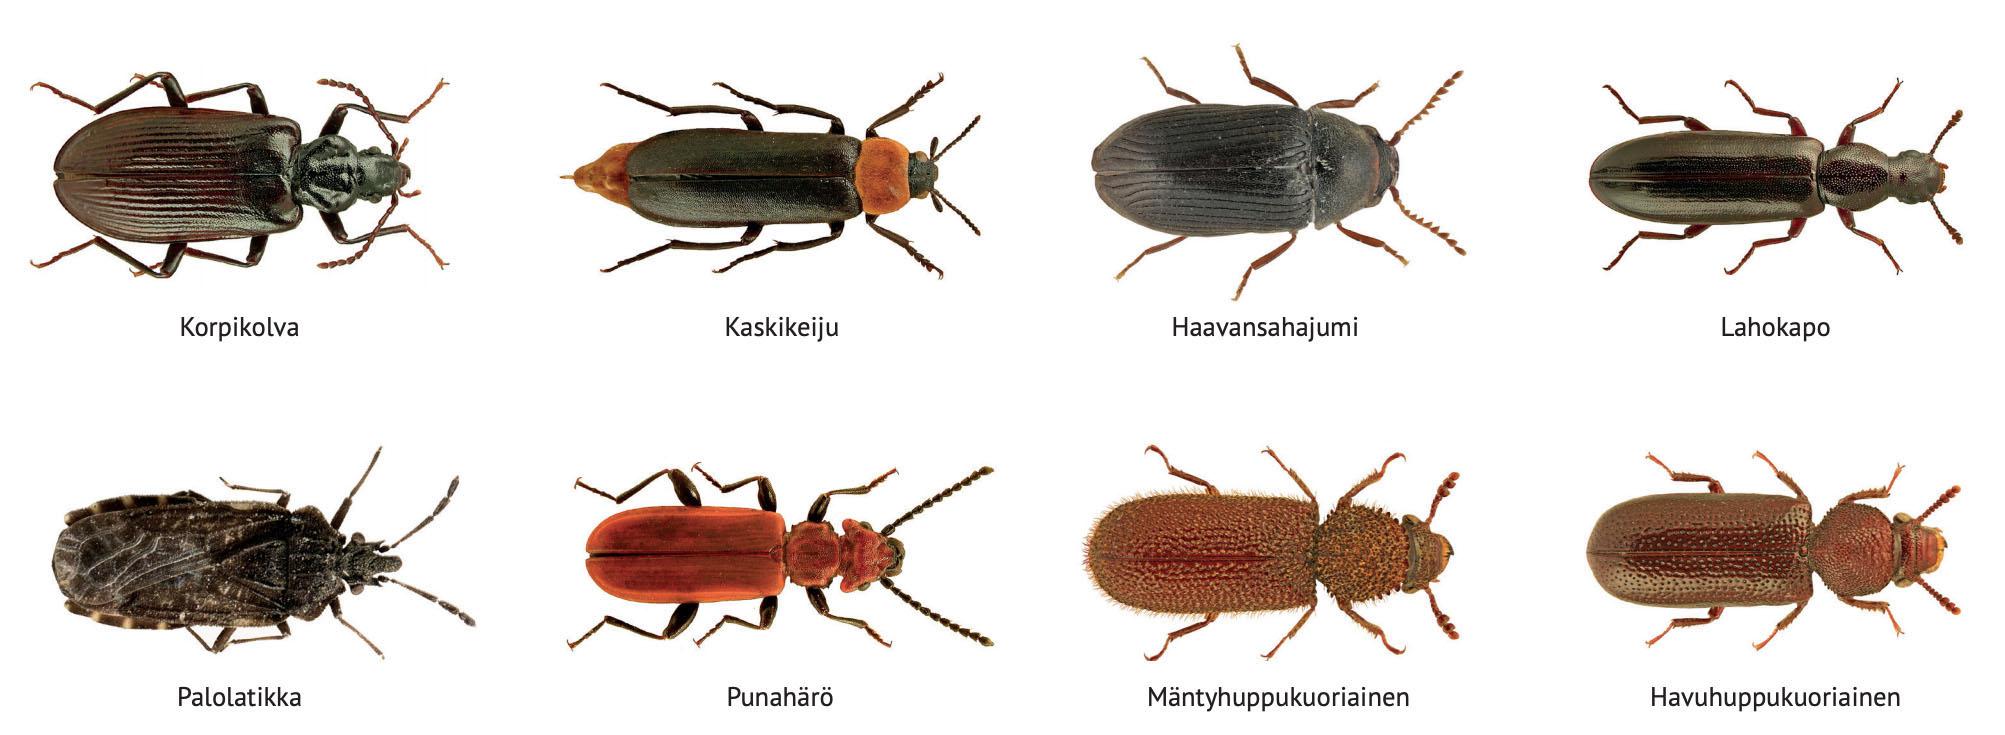 biisisanoittamon-kilpailu-kovakuoriaiset-beetles-life.